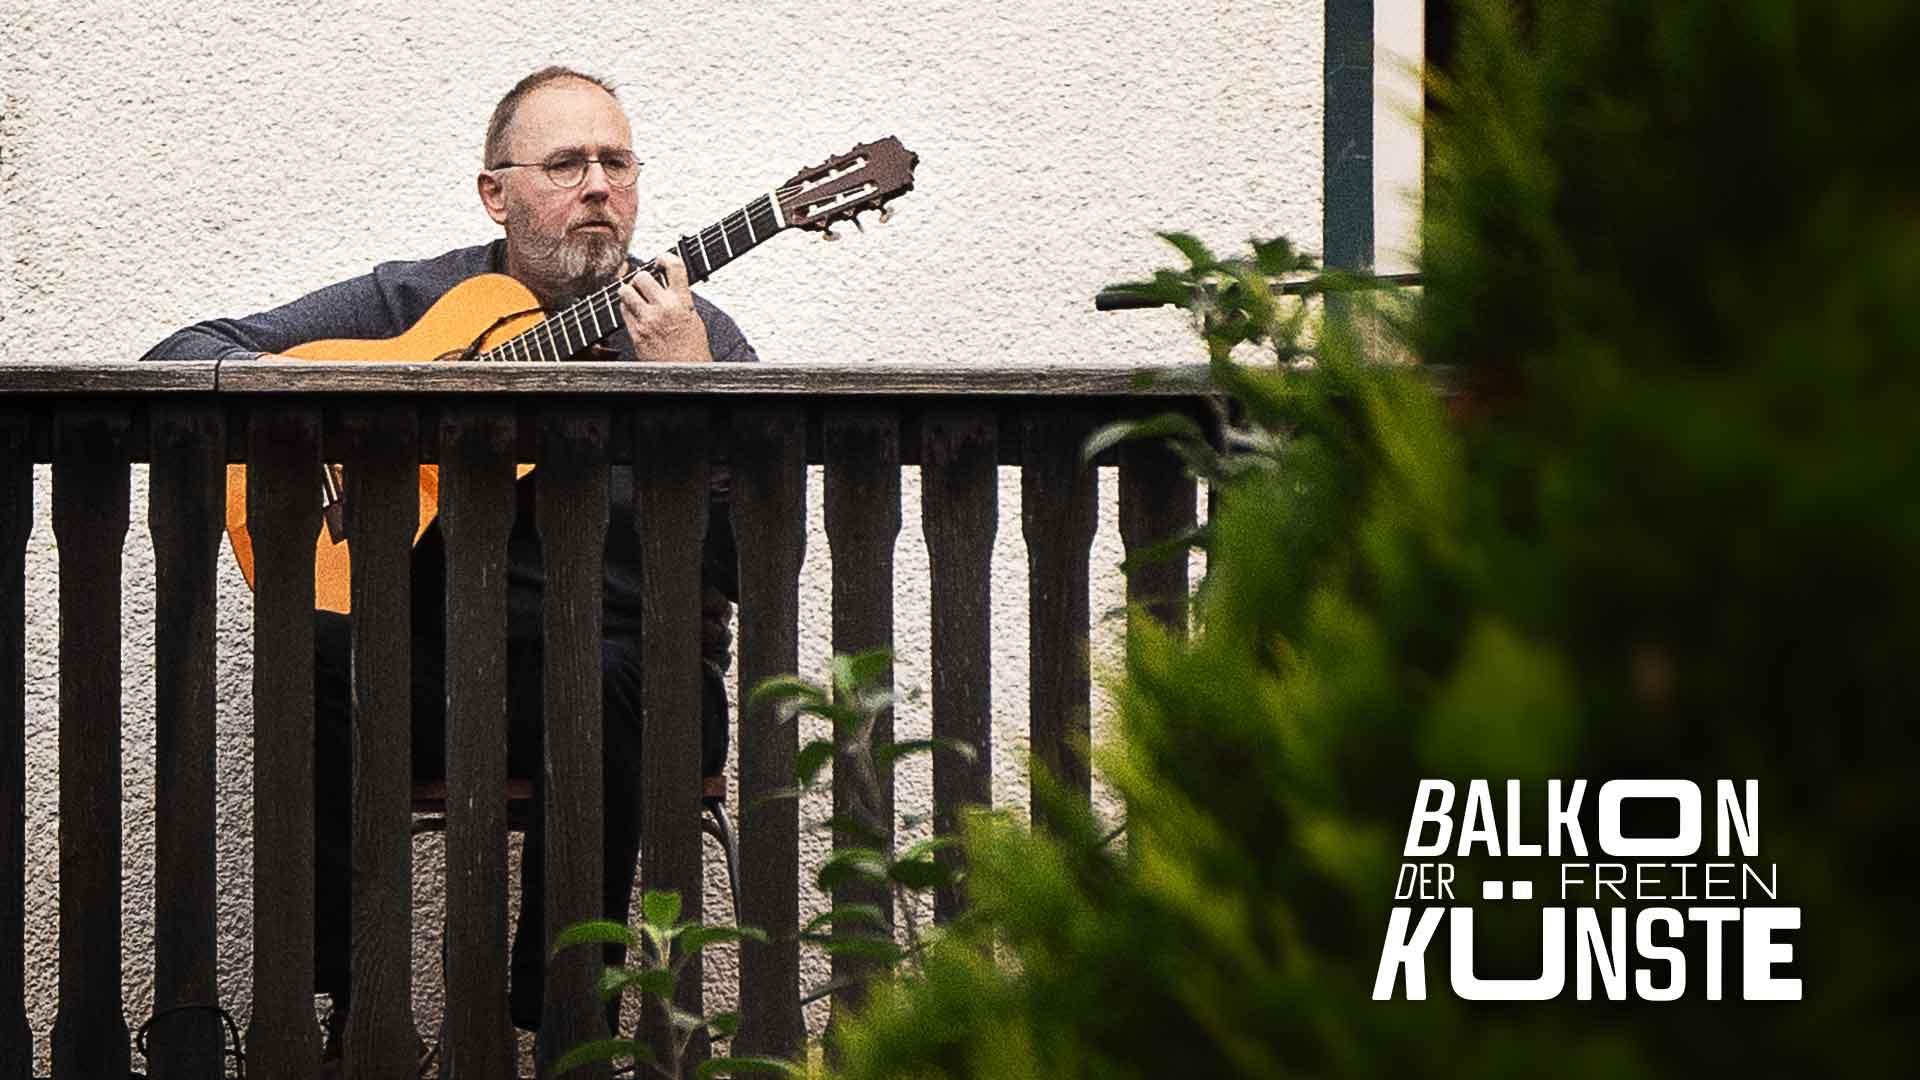 La Guitarra Flamenca: Willi Grote auf dem Balkon der freien Künste